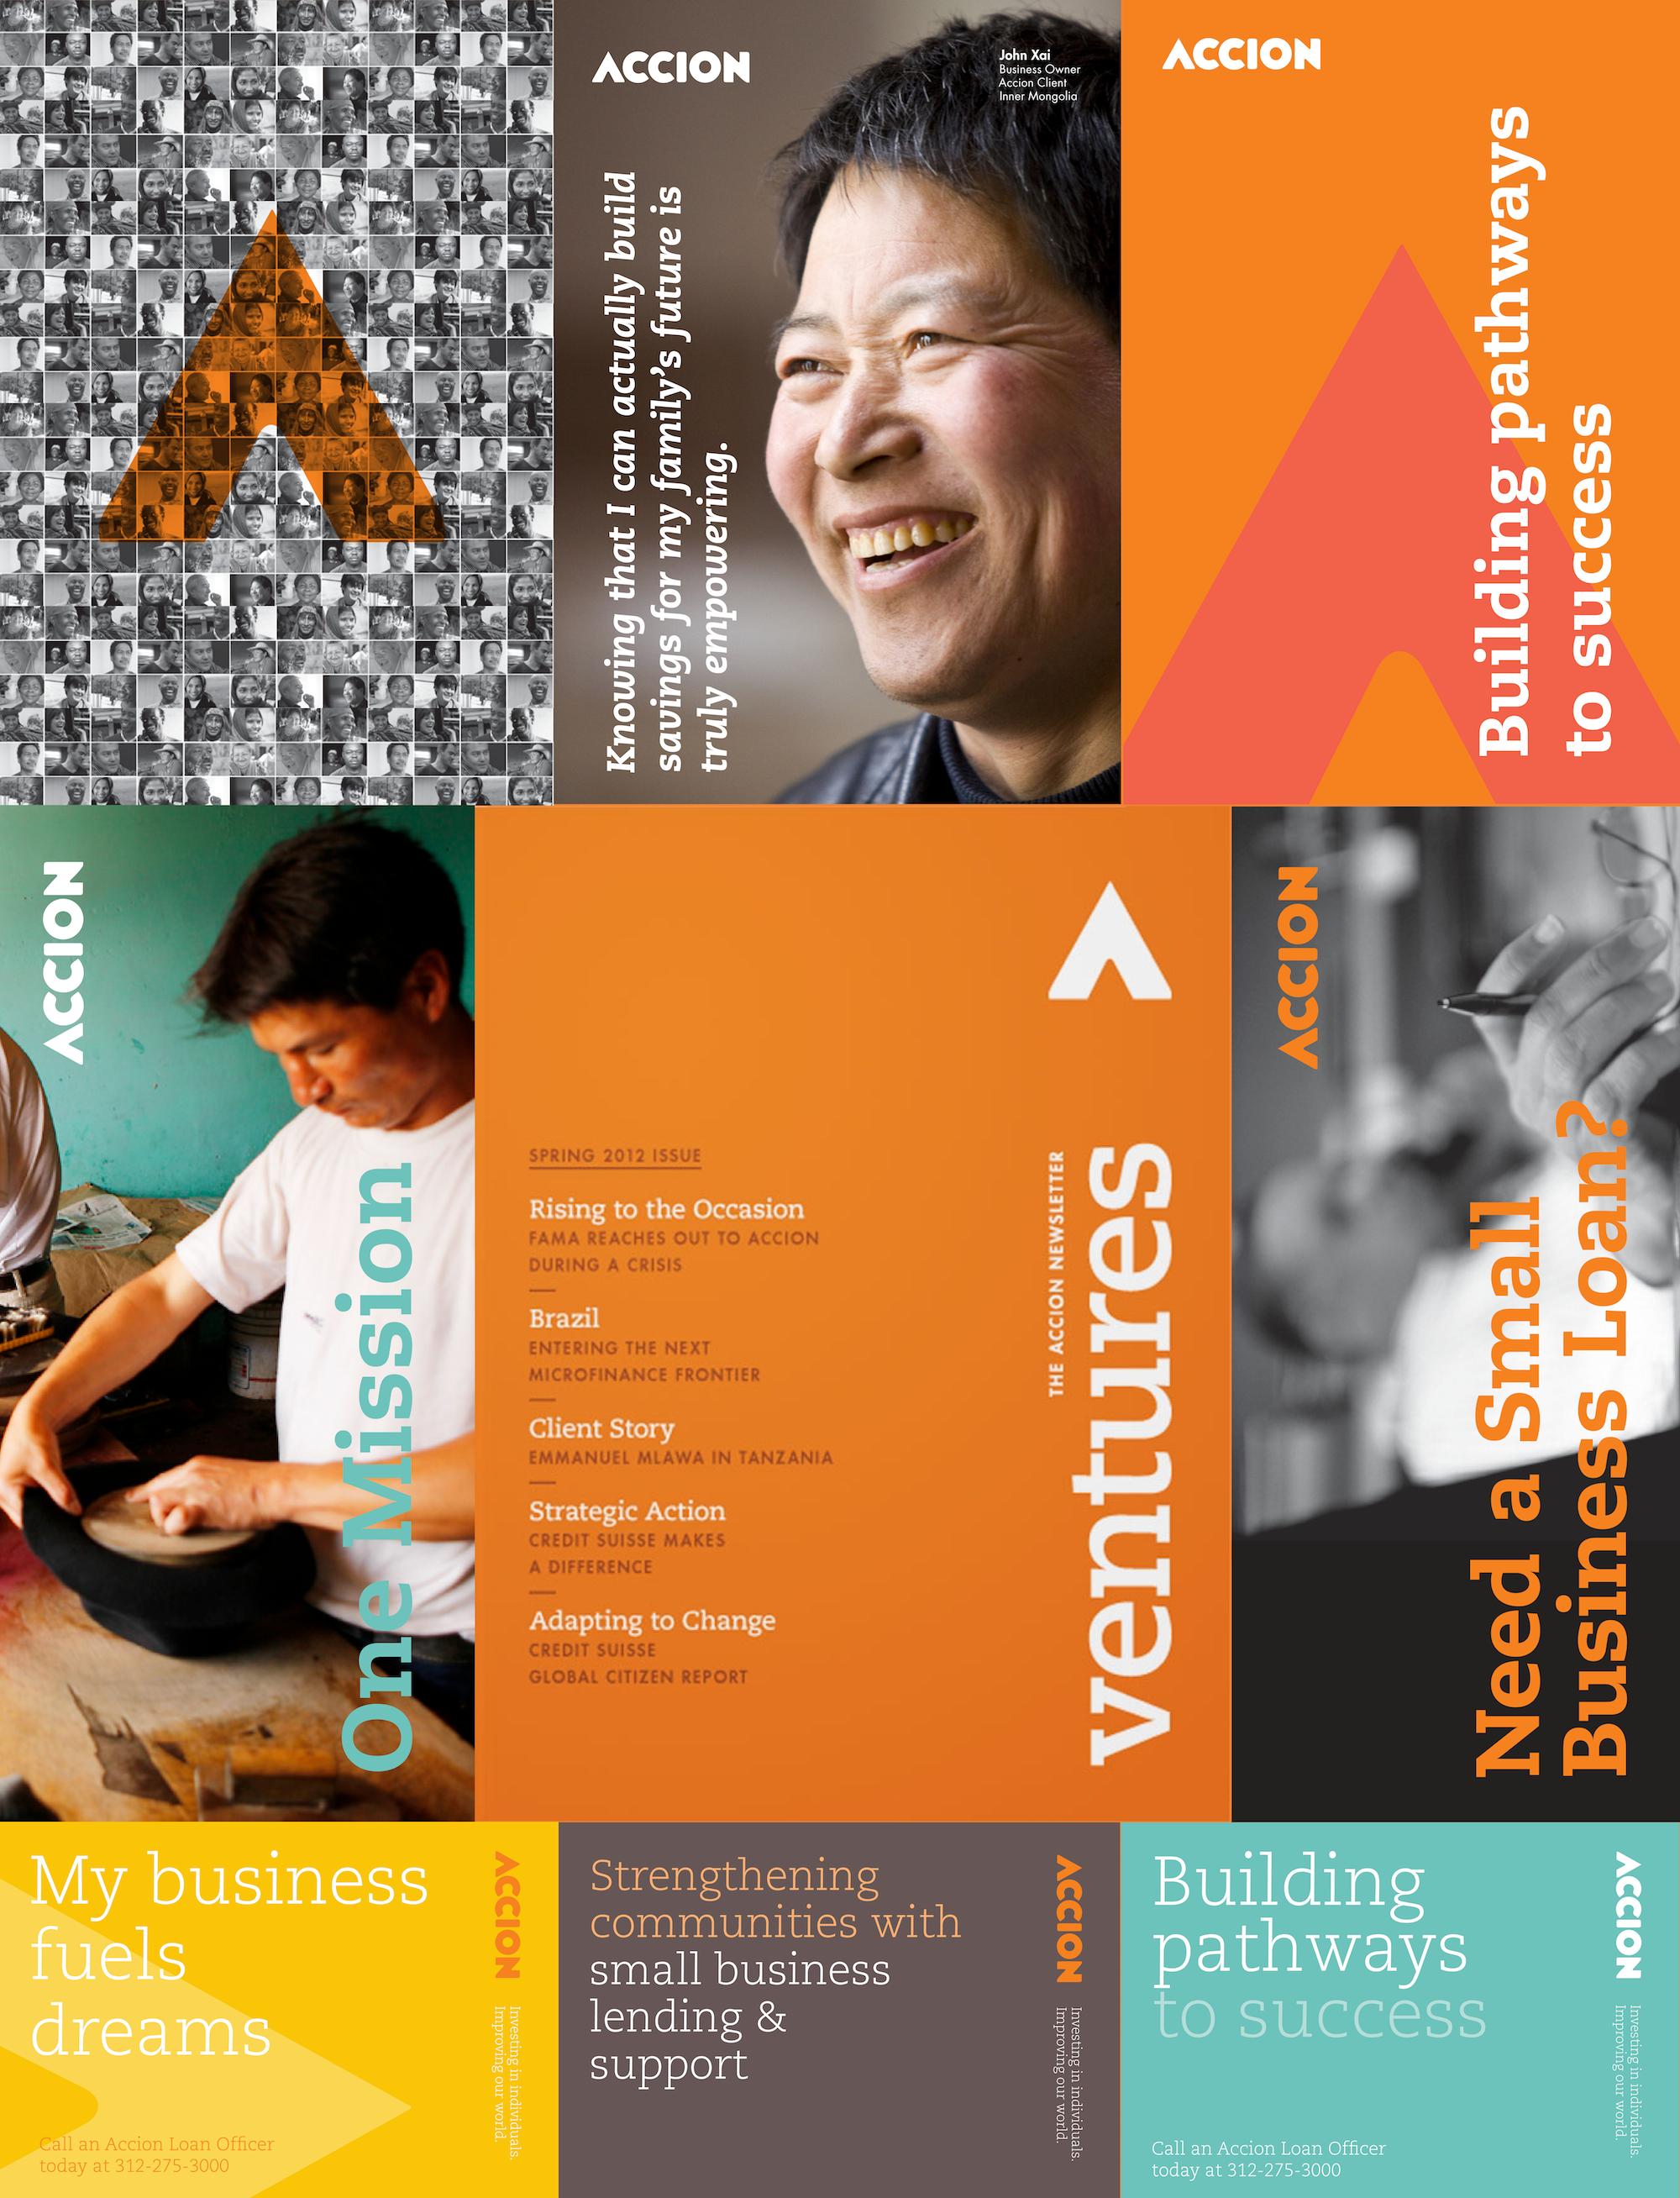 Accion brochures